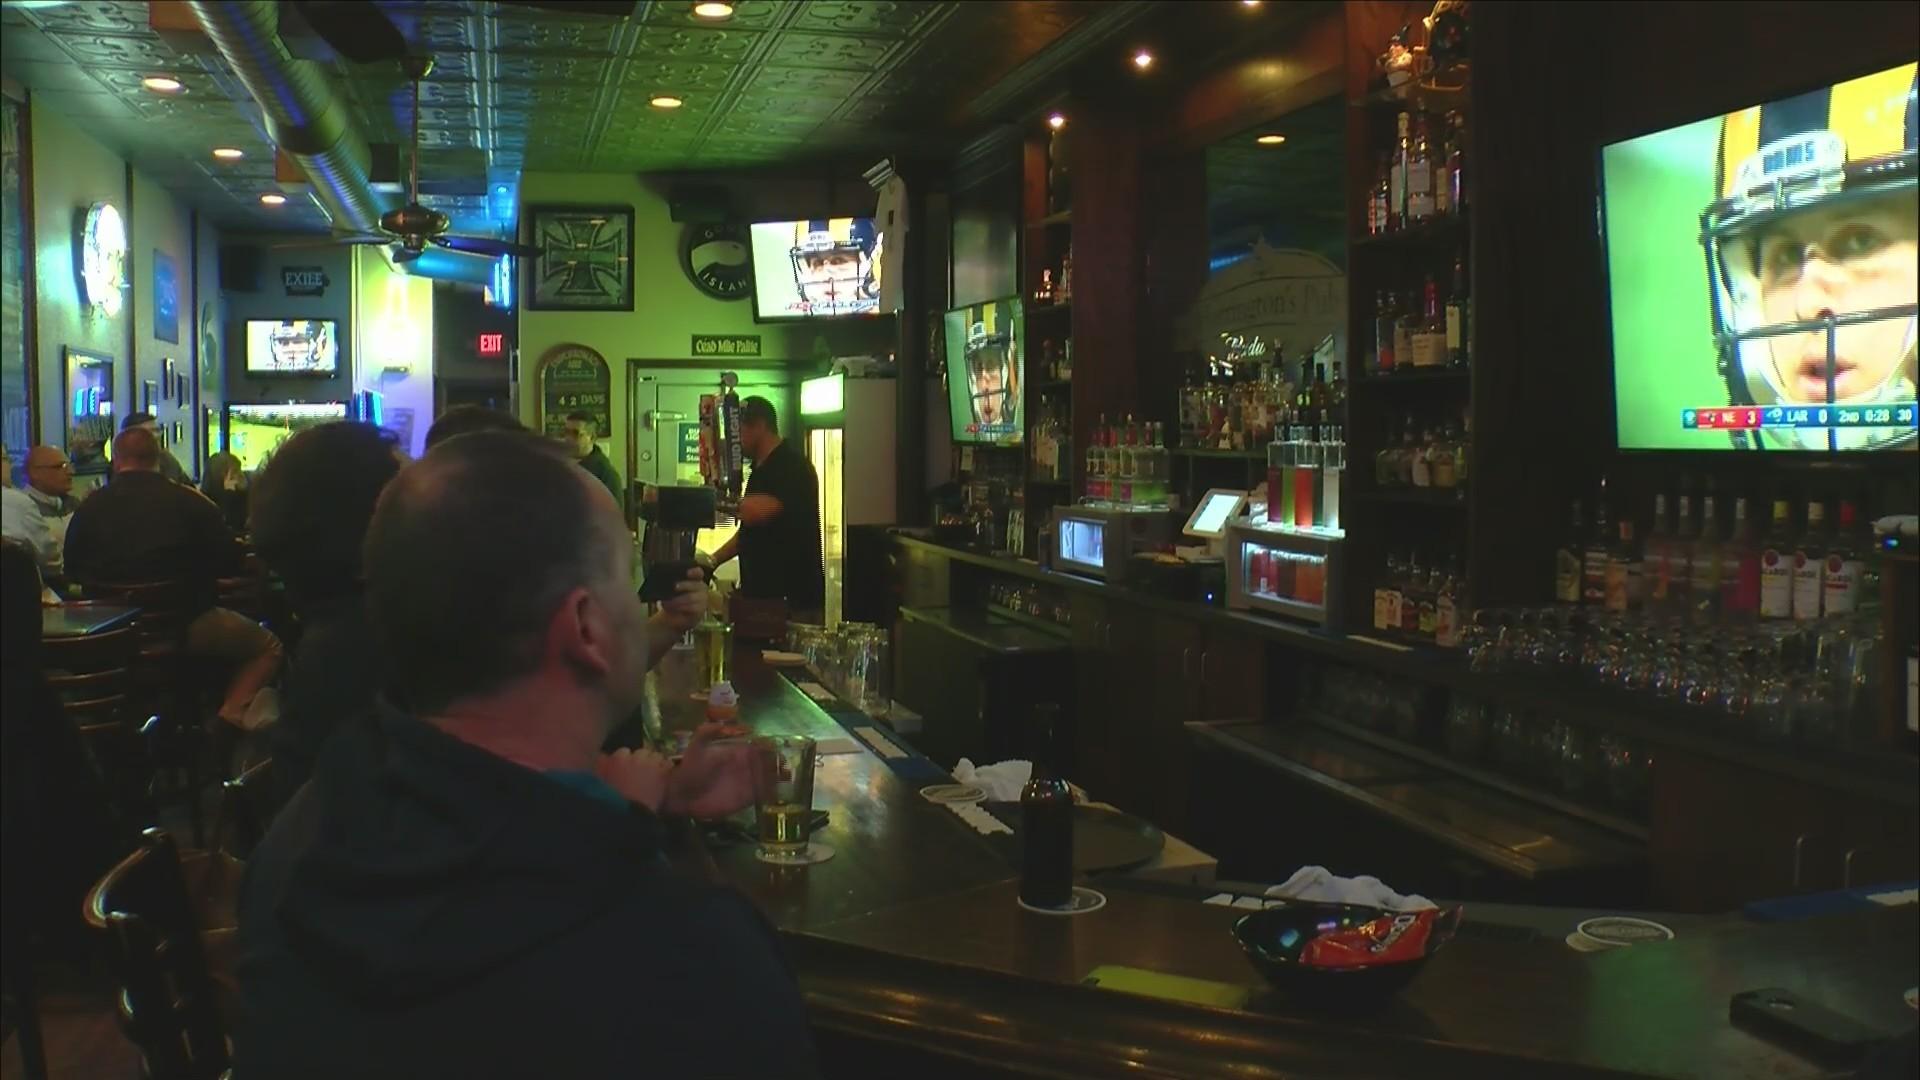 Big Game at the bars